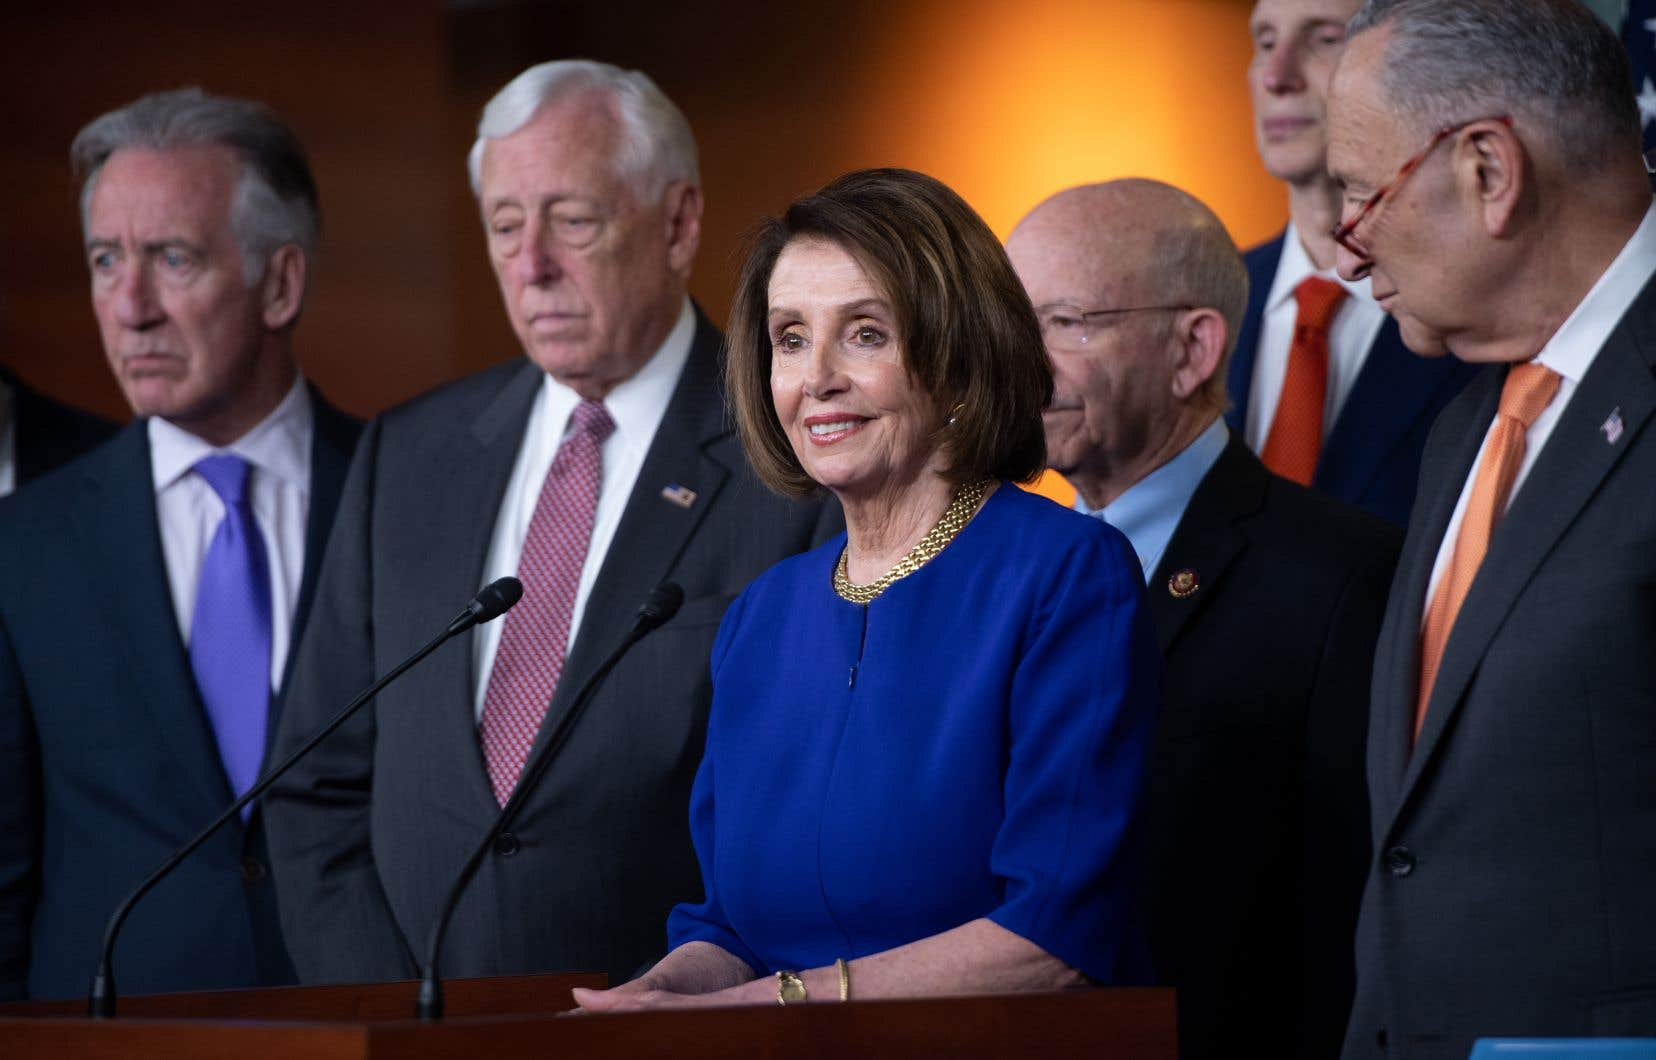 La président de la Chambre des représentants des États-Unis, Nancy Pelosi (au centre), et le leader démocrate au Sénat, Chuck Schumer (à droite), ont tenu une conférence de presse avec leurs collègues démocrates à Capitol Hill, à Washington, mercredi.